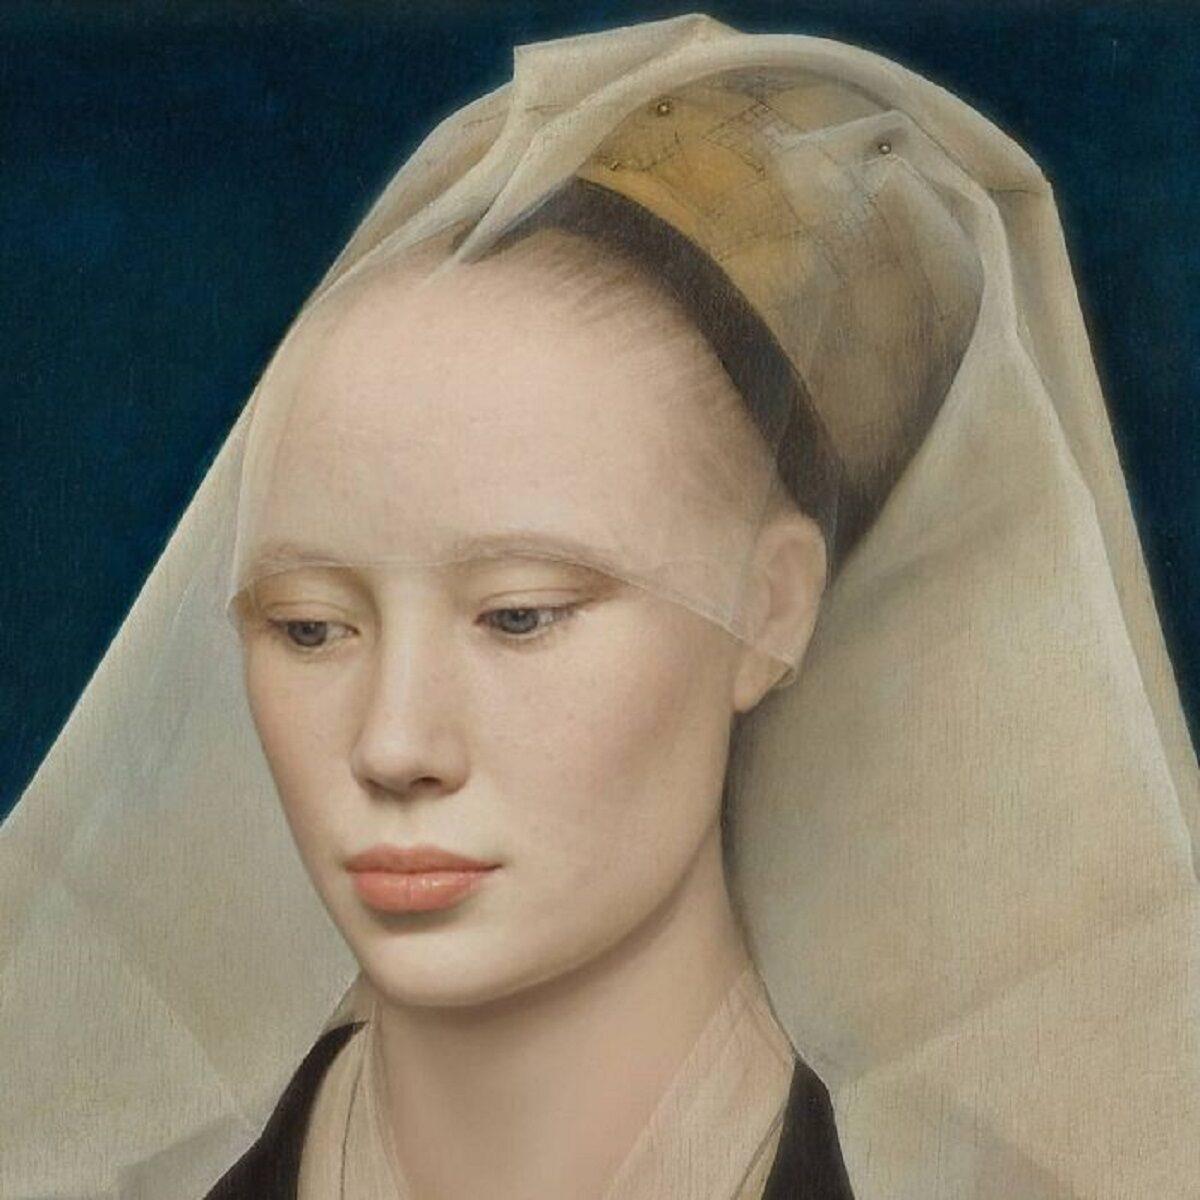 Bas Uterwijk artista mostra como eram essas figuras historicas na vida real 16